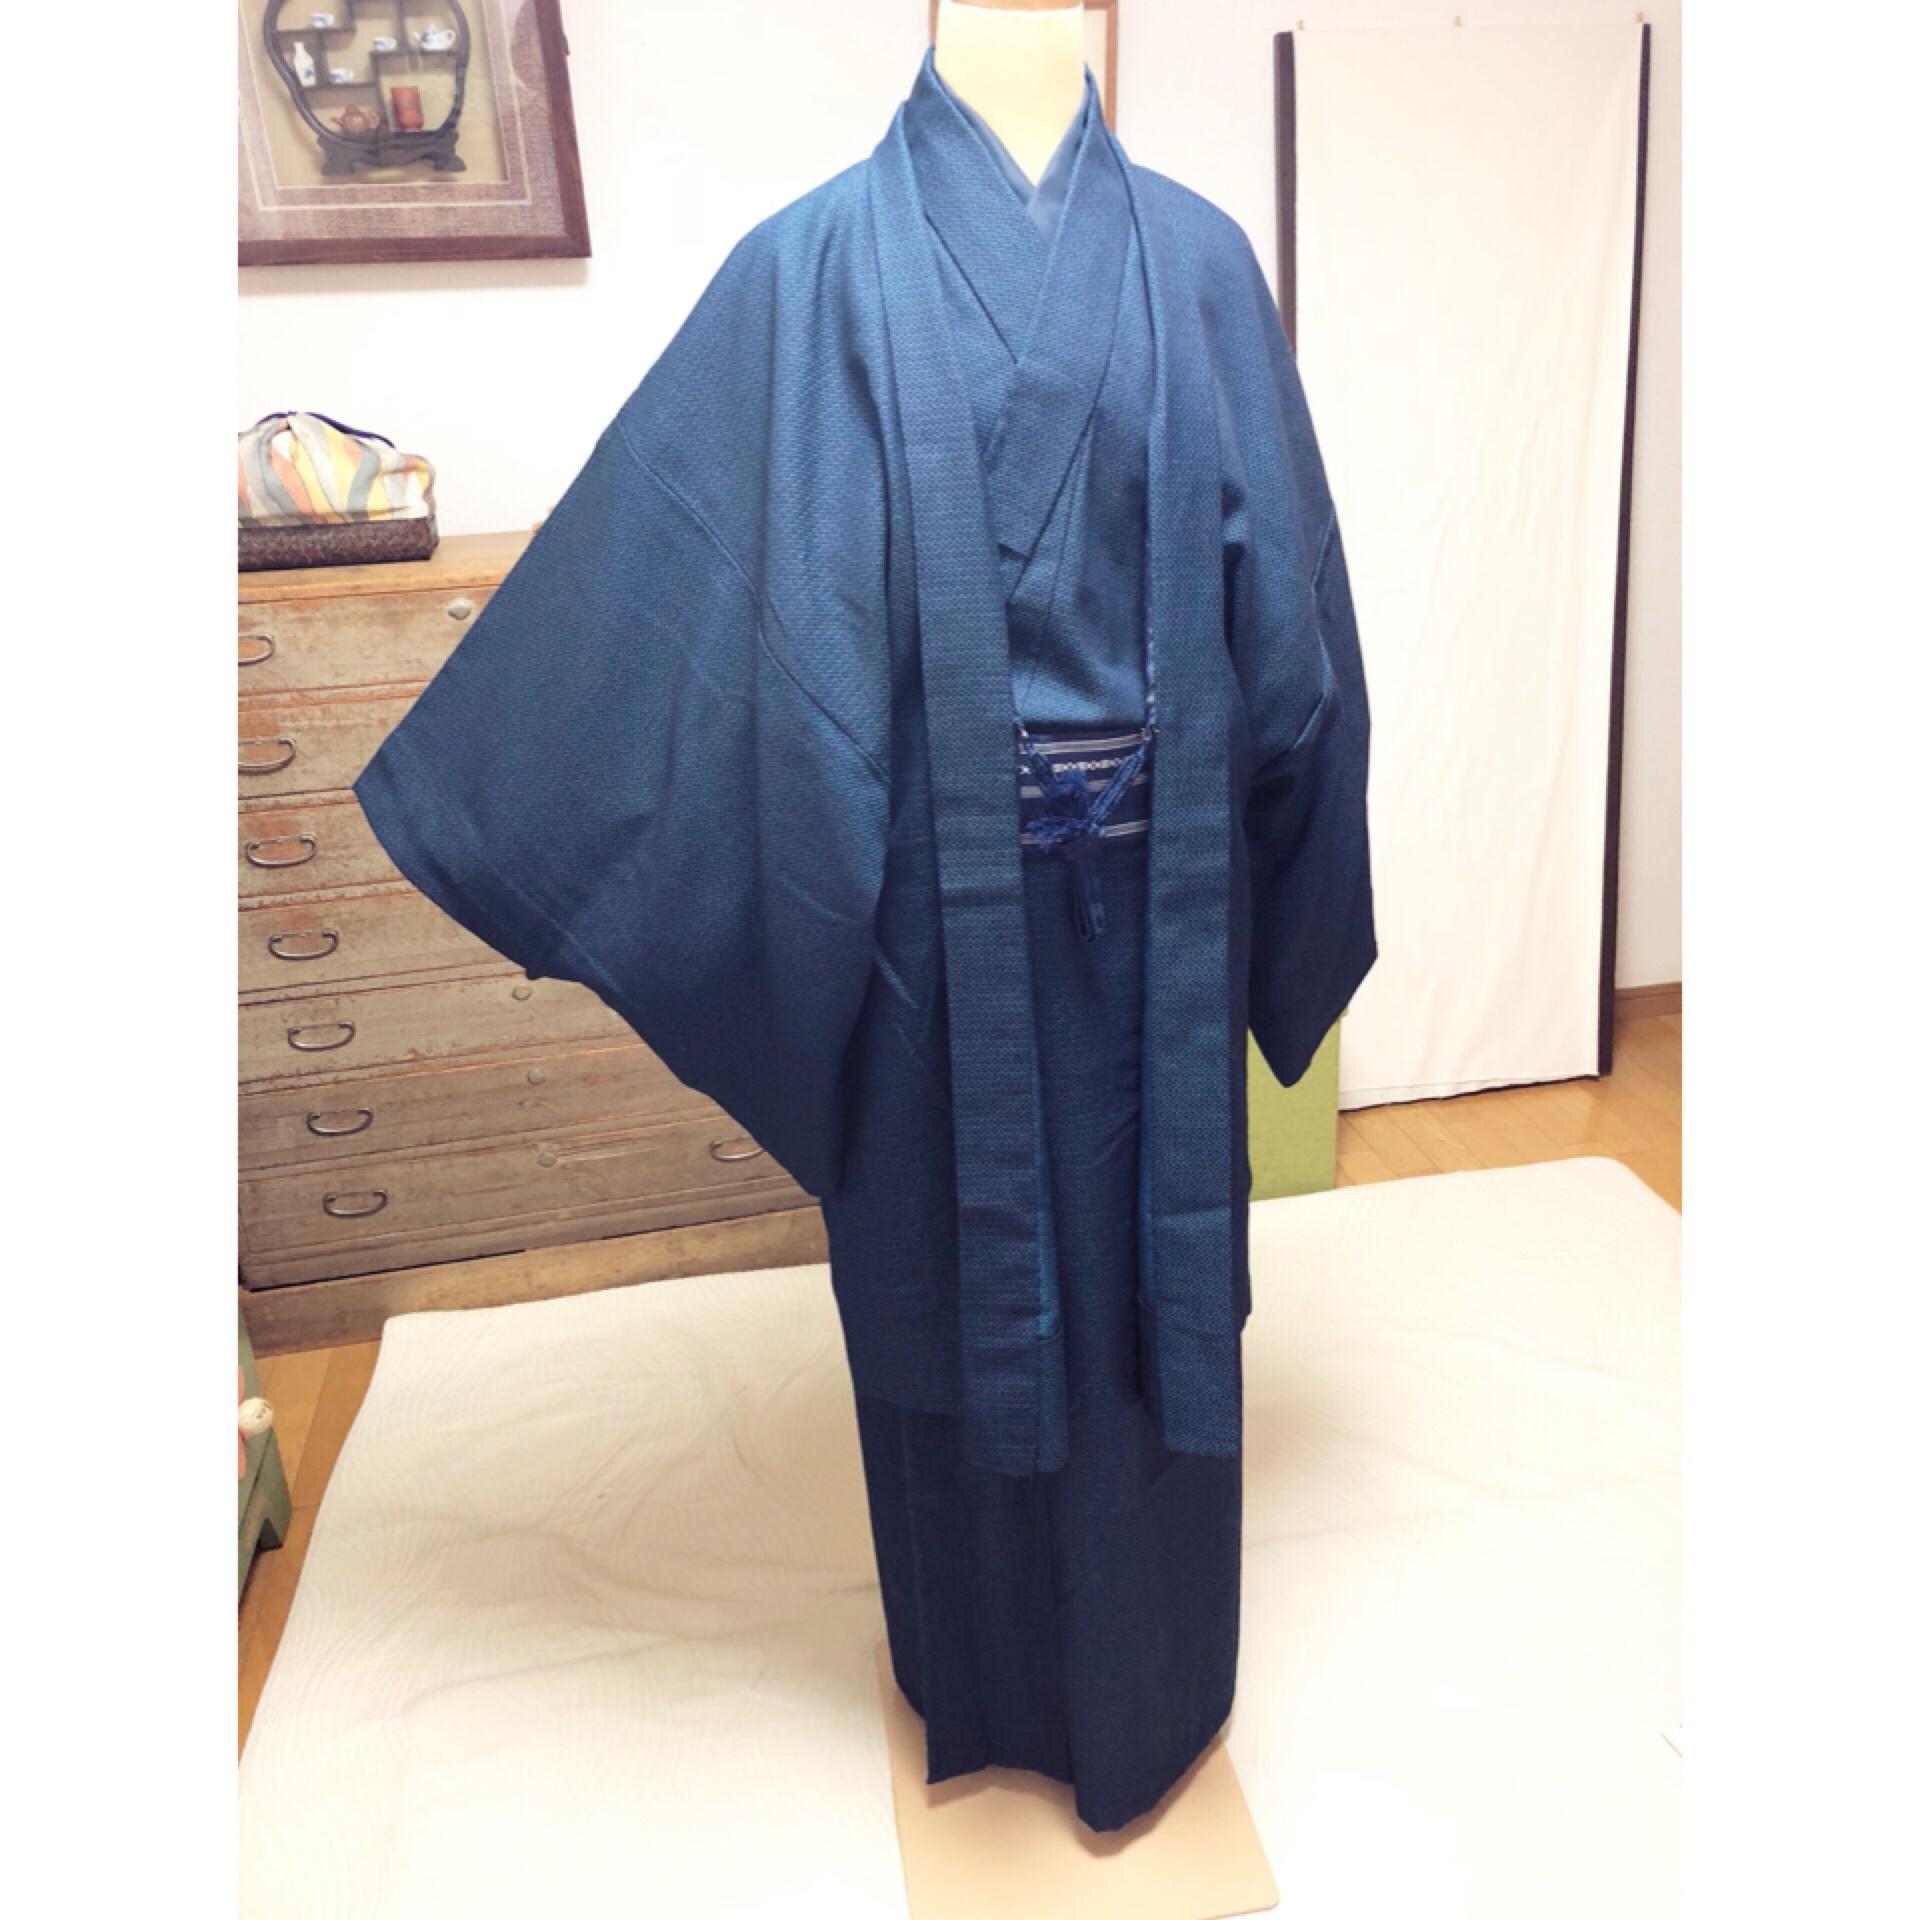 1ヵ月で着付けをマスター・1日2コマ受講のお生徒さんラスト【大阪京橋の着付け教室きものたまより】